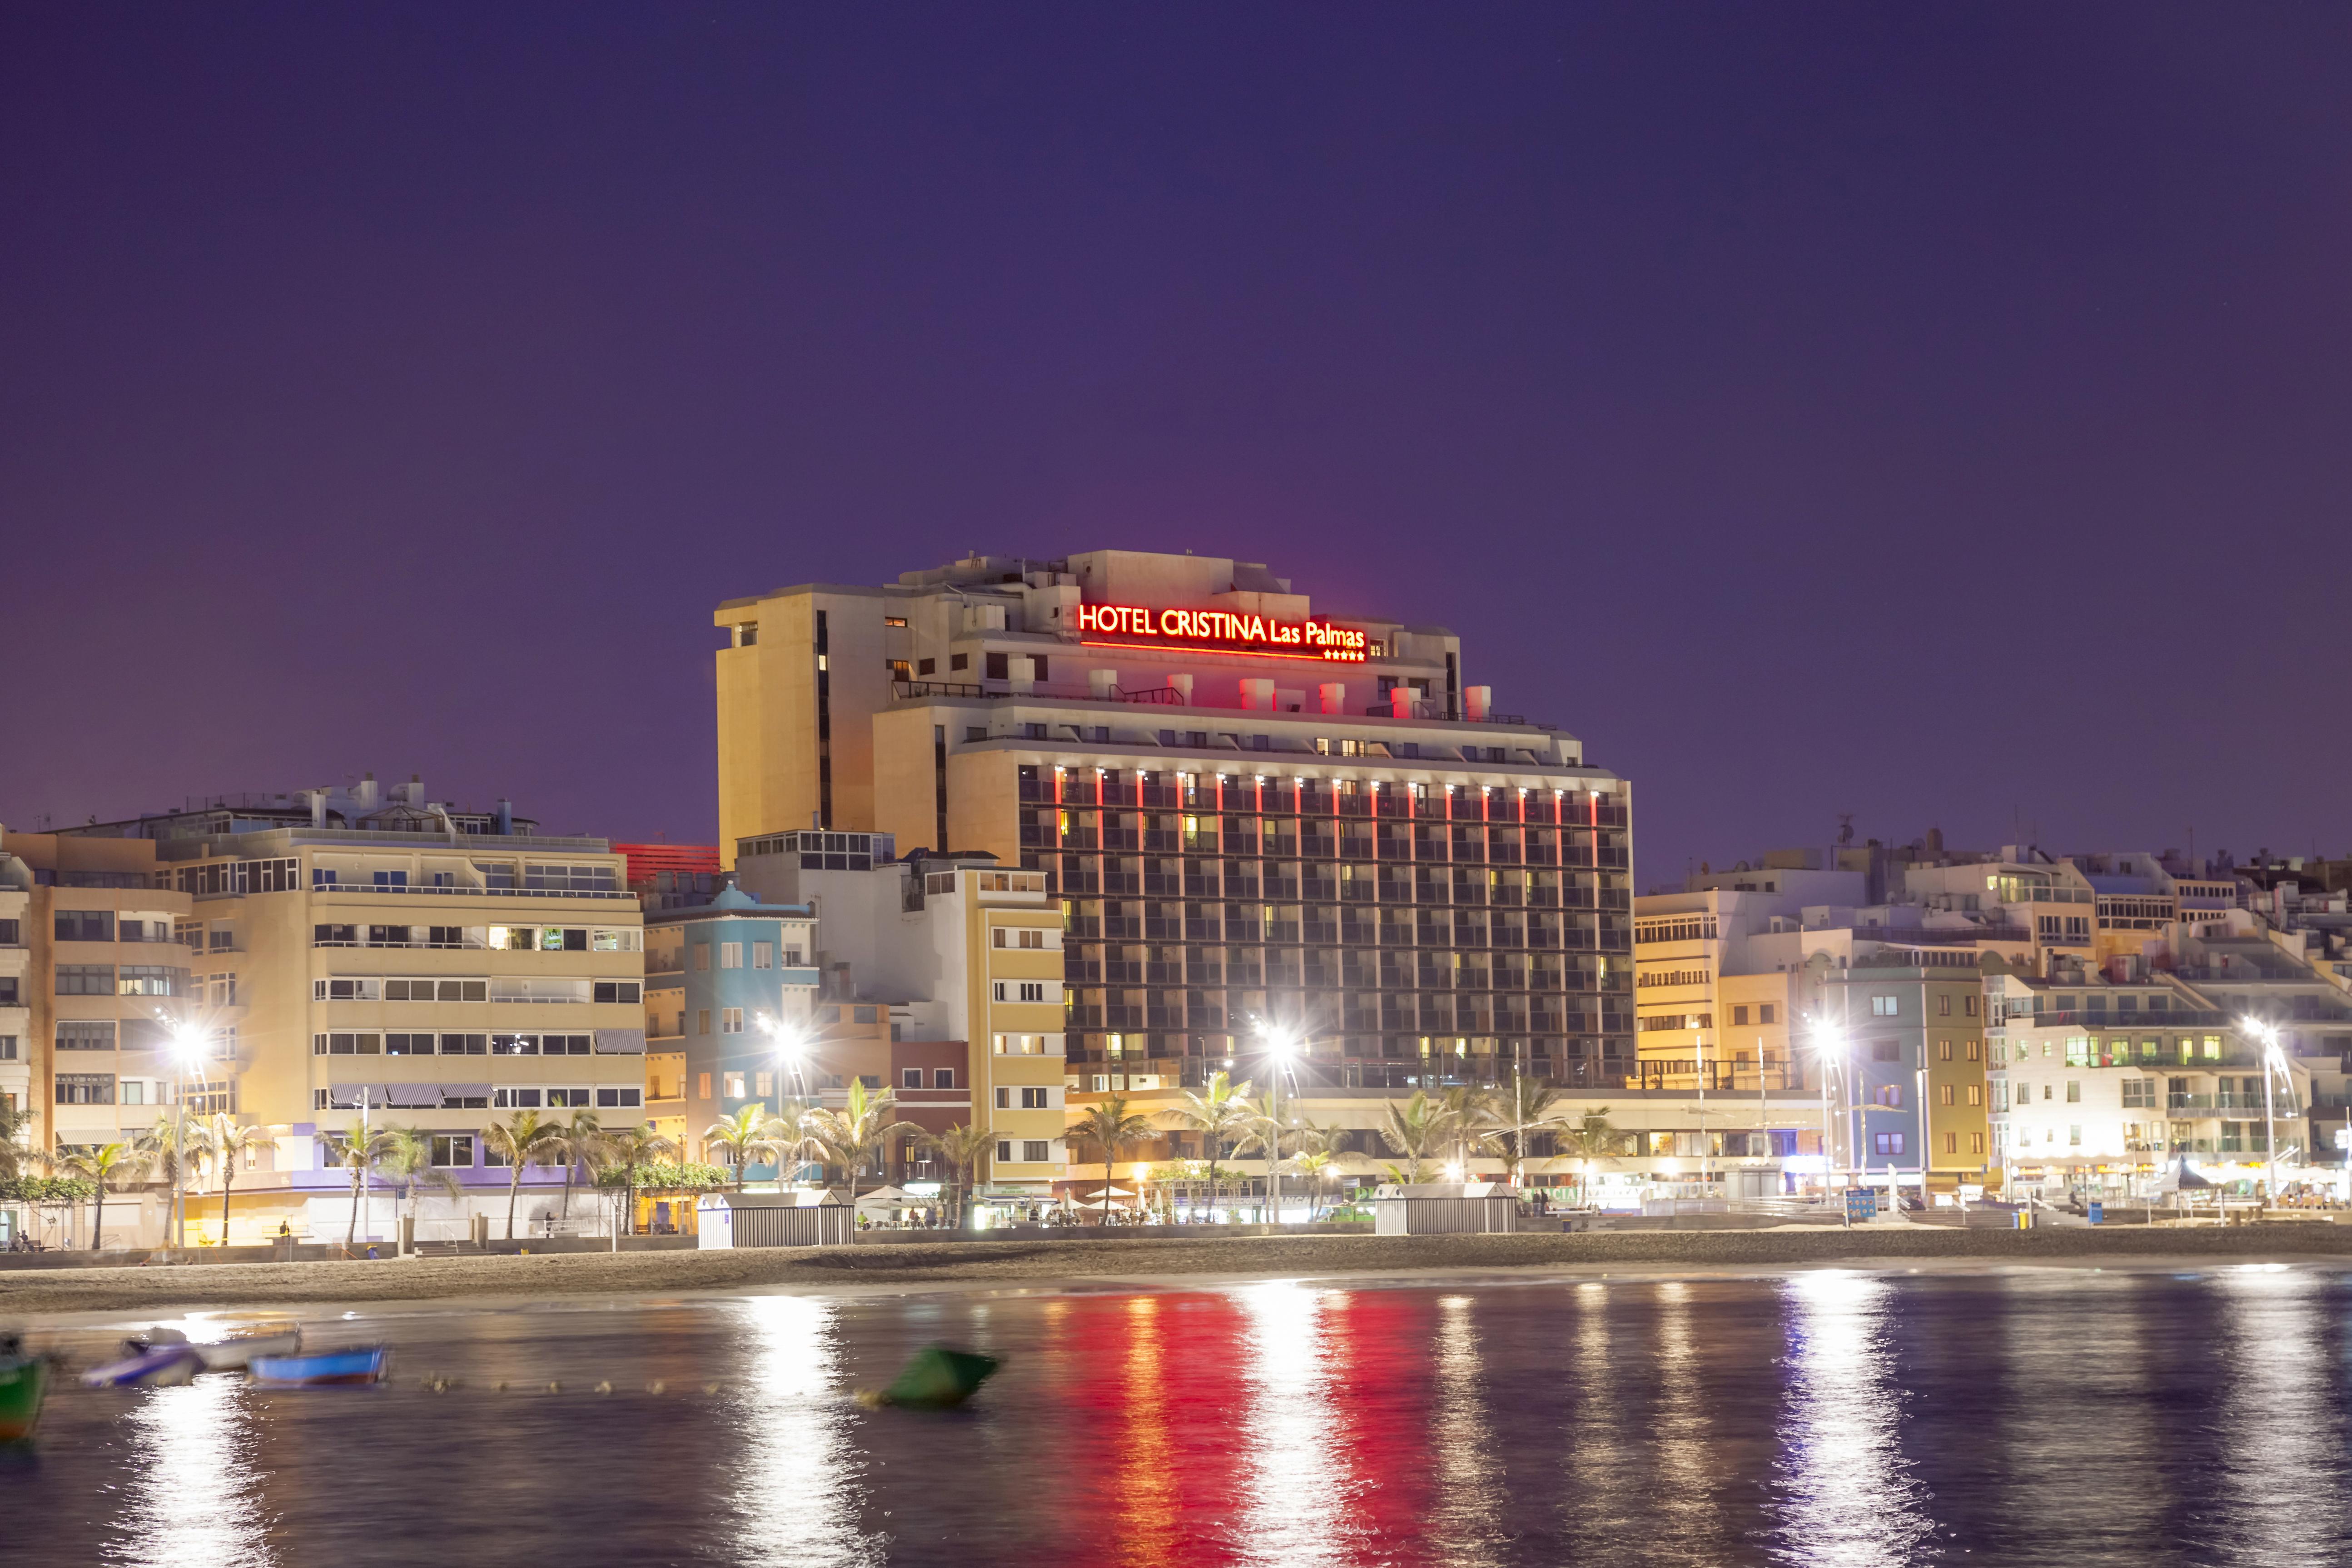 Hoteles 5 estrellas en las palmas de gran canaria espa a for Hoteles 4 estrellas gran canaria